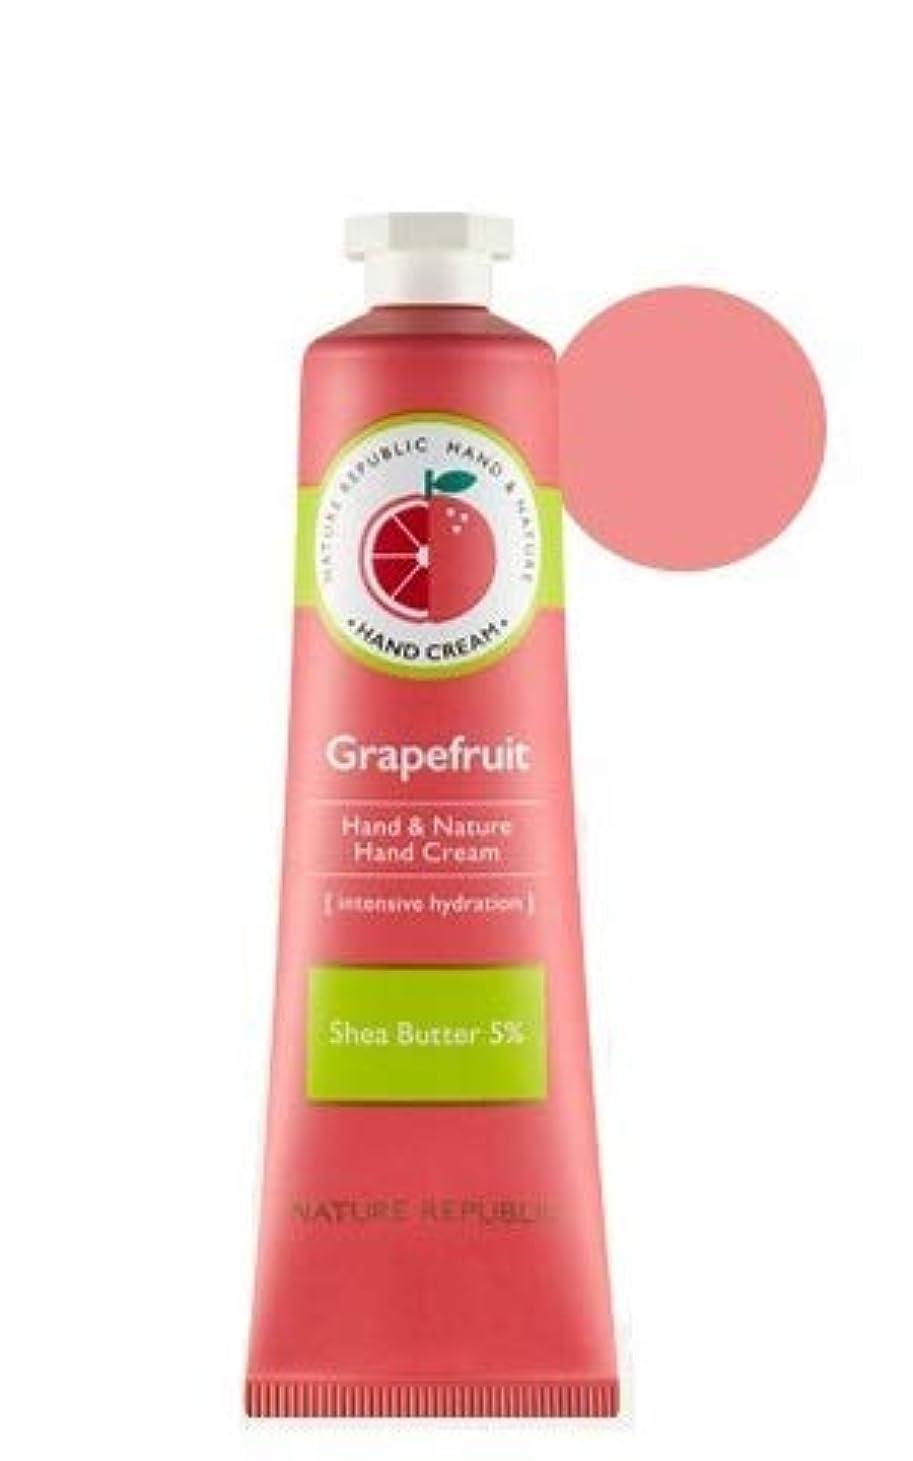 超音速一生関連する[リニューアル]ネイチャーリパブリック NATURE REPUBLIC ハンドアンドネイチャーハンドクリーム Hand & Nature Hand Cream (# GRAPEFRUIT) [並行輸入品]